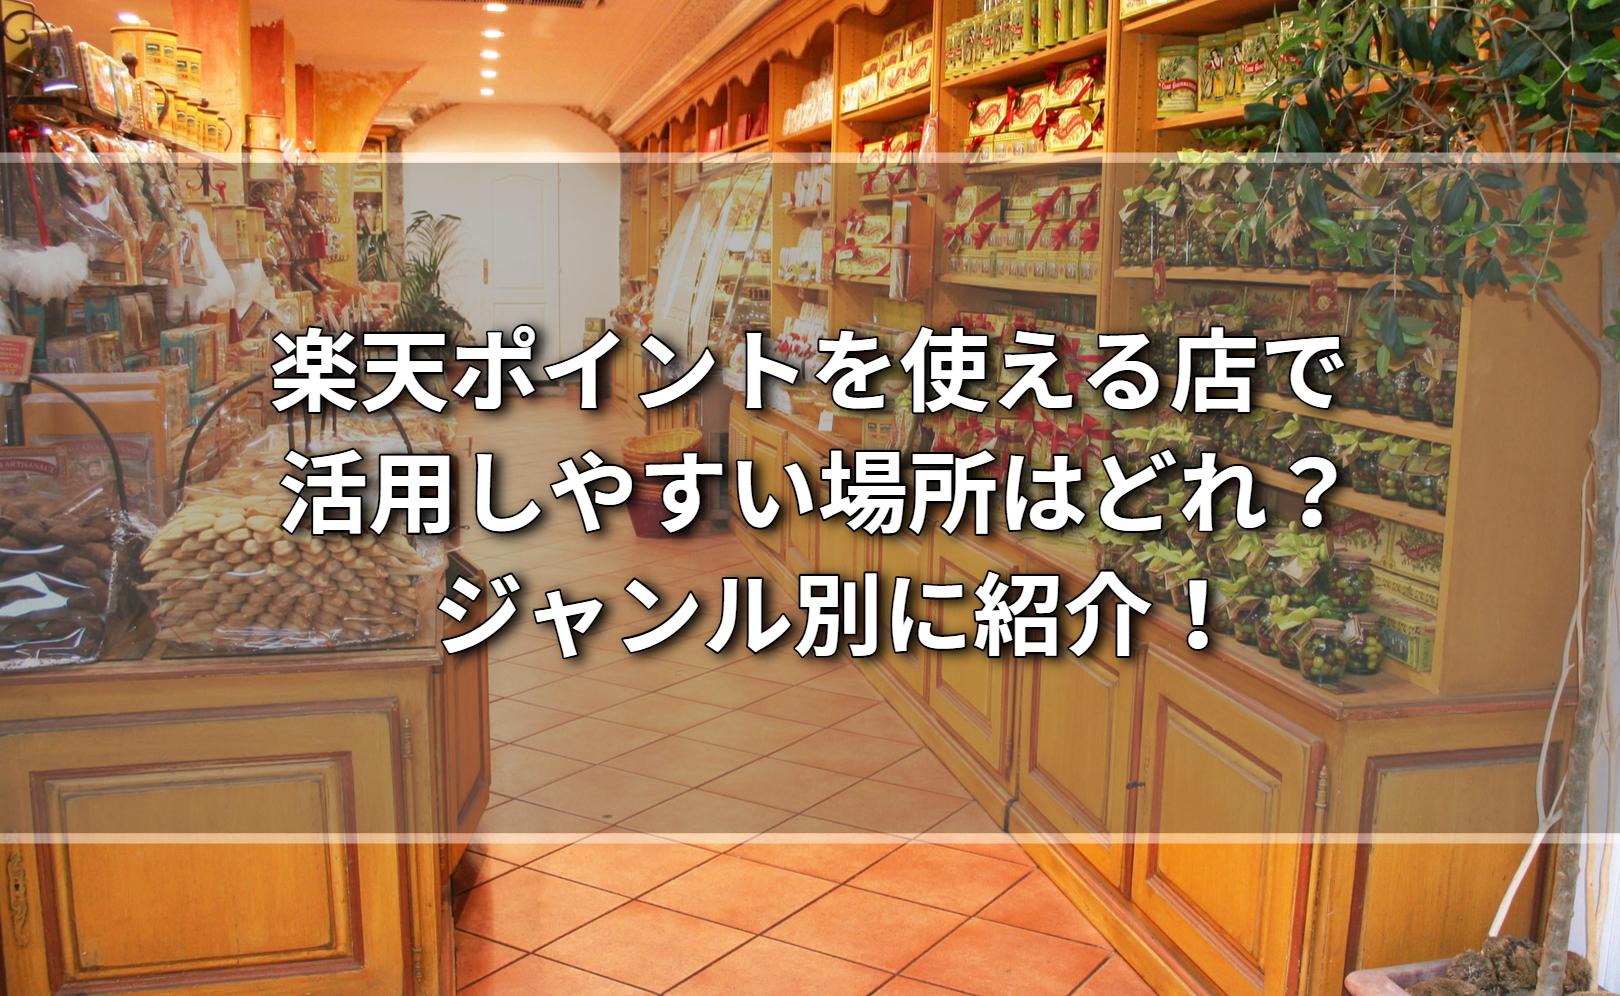 楽天ポイントを使える店で活用しやすい場所はどれ?ジャンル別に紹介!